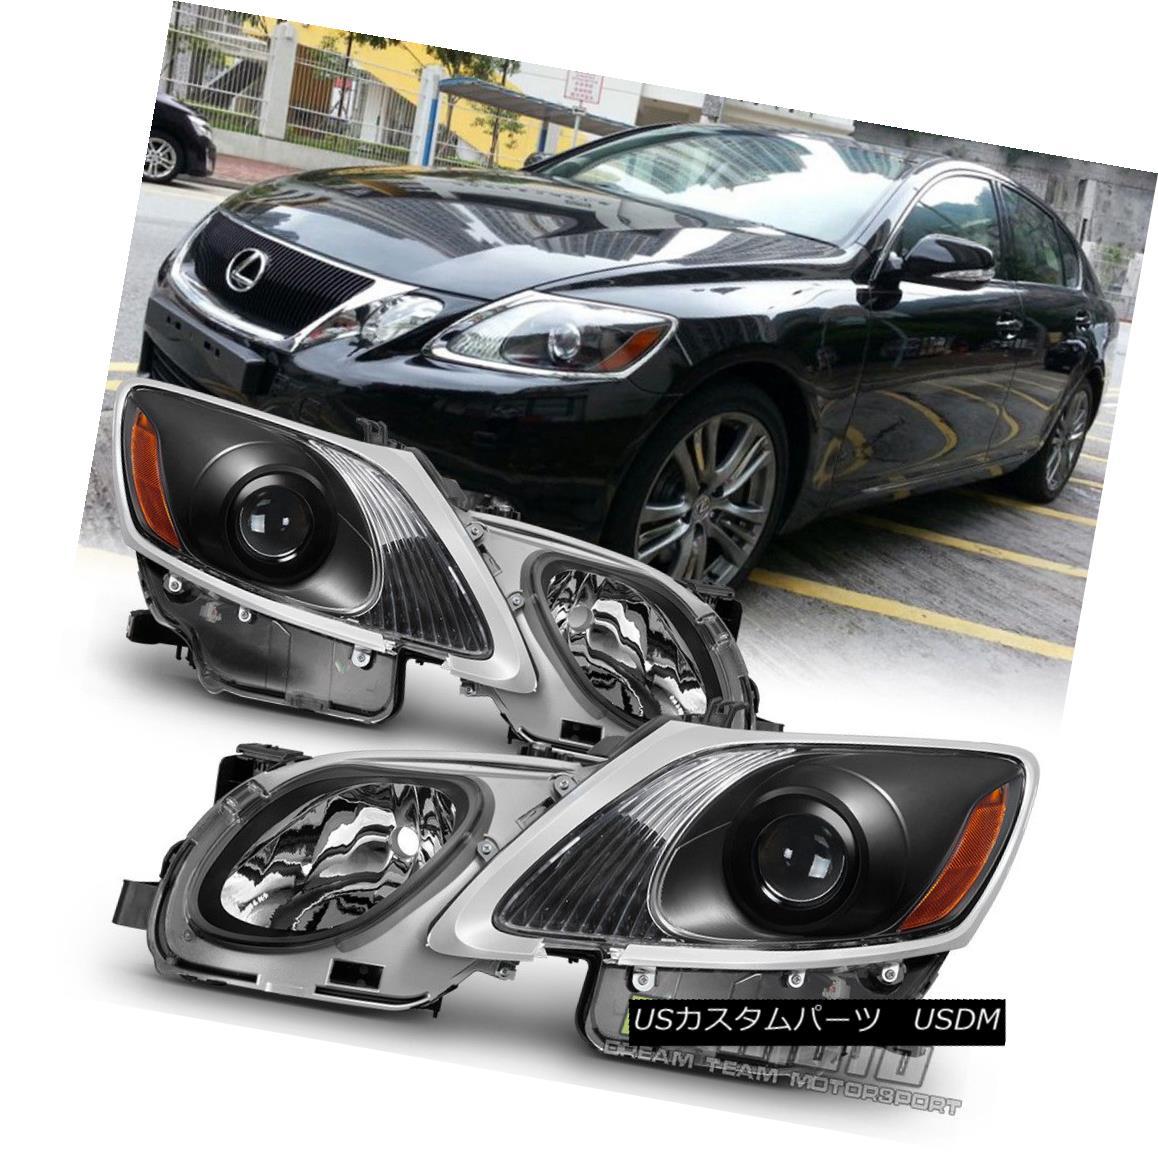 ヘッドライト HID/AFS 2006-2011 Lexus GS300 GS350 GS450h GS460 Headlights Projector JDM Black HID / AFS 2006-2011レクサスGS300 GS350 GS450h GS460ヘッドライトプロジェクターJDMブラック